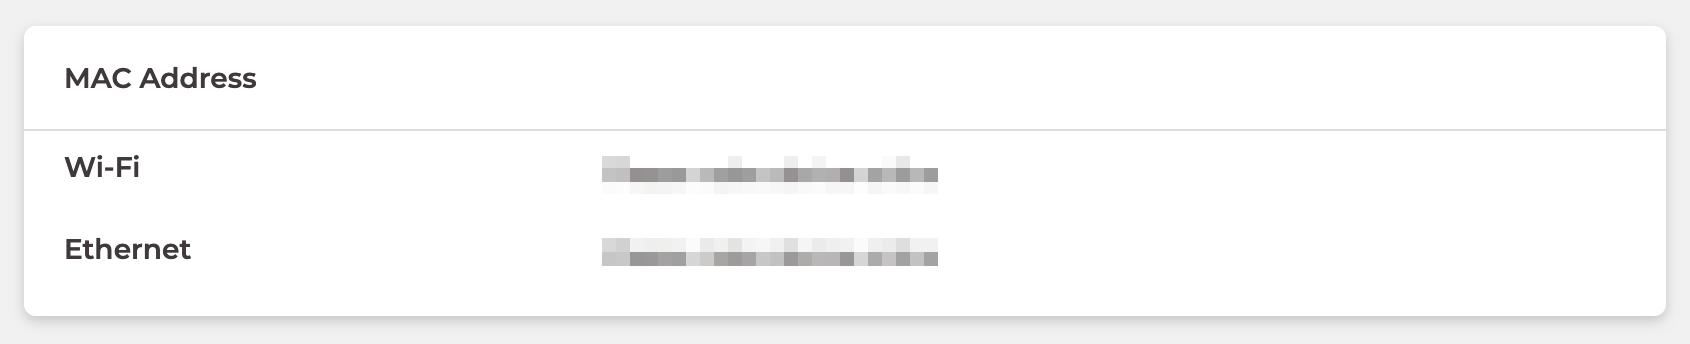 MACアドレスの表示